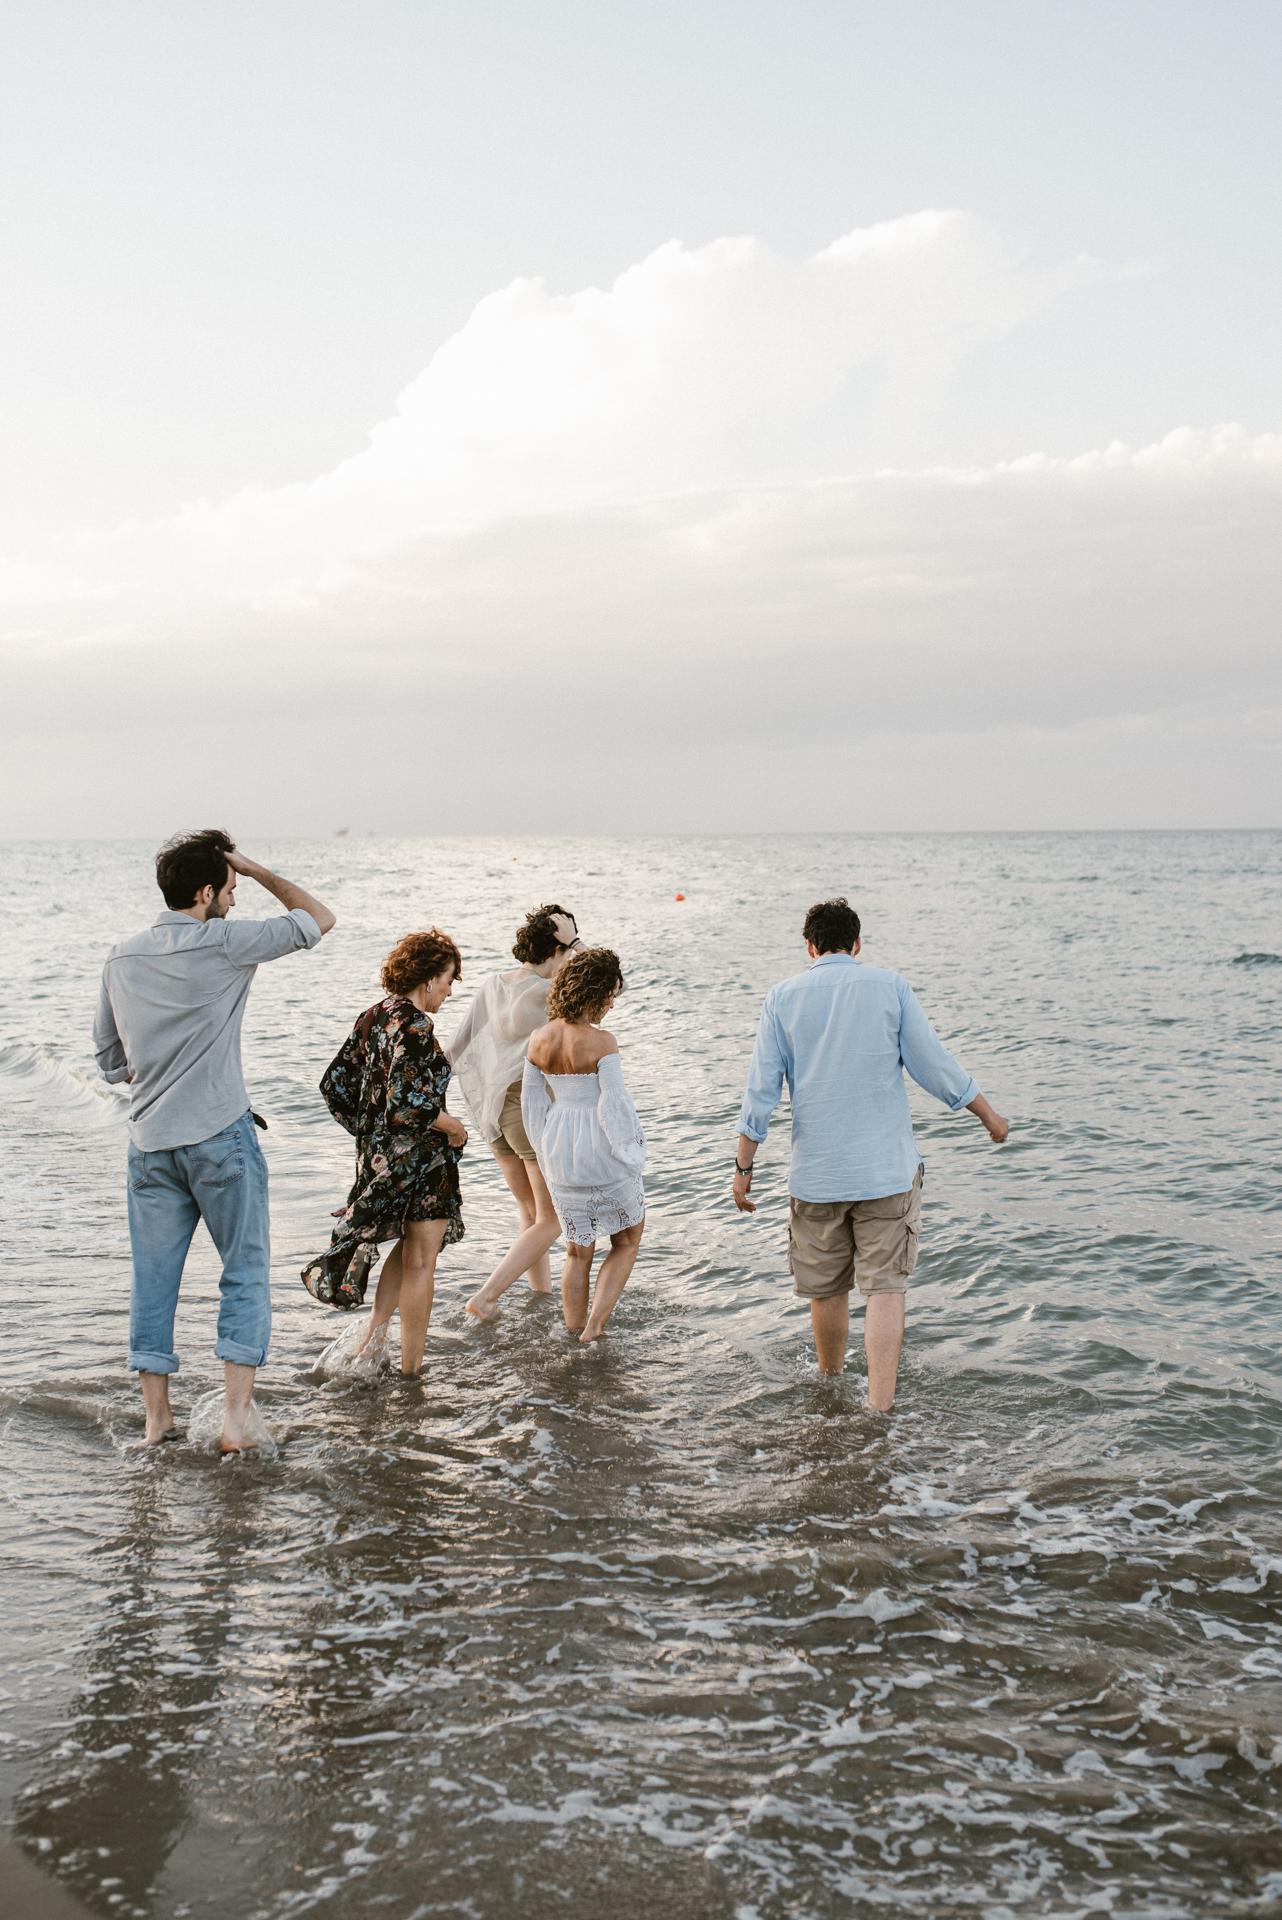 fotografa-famiglia-mare-18